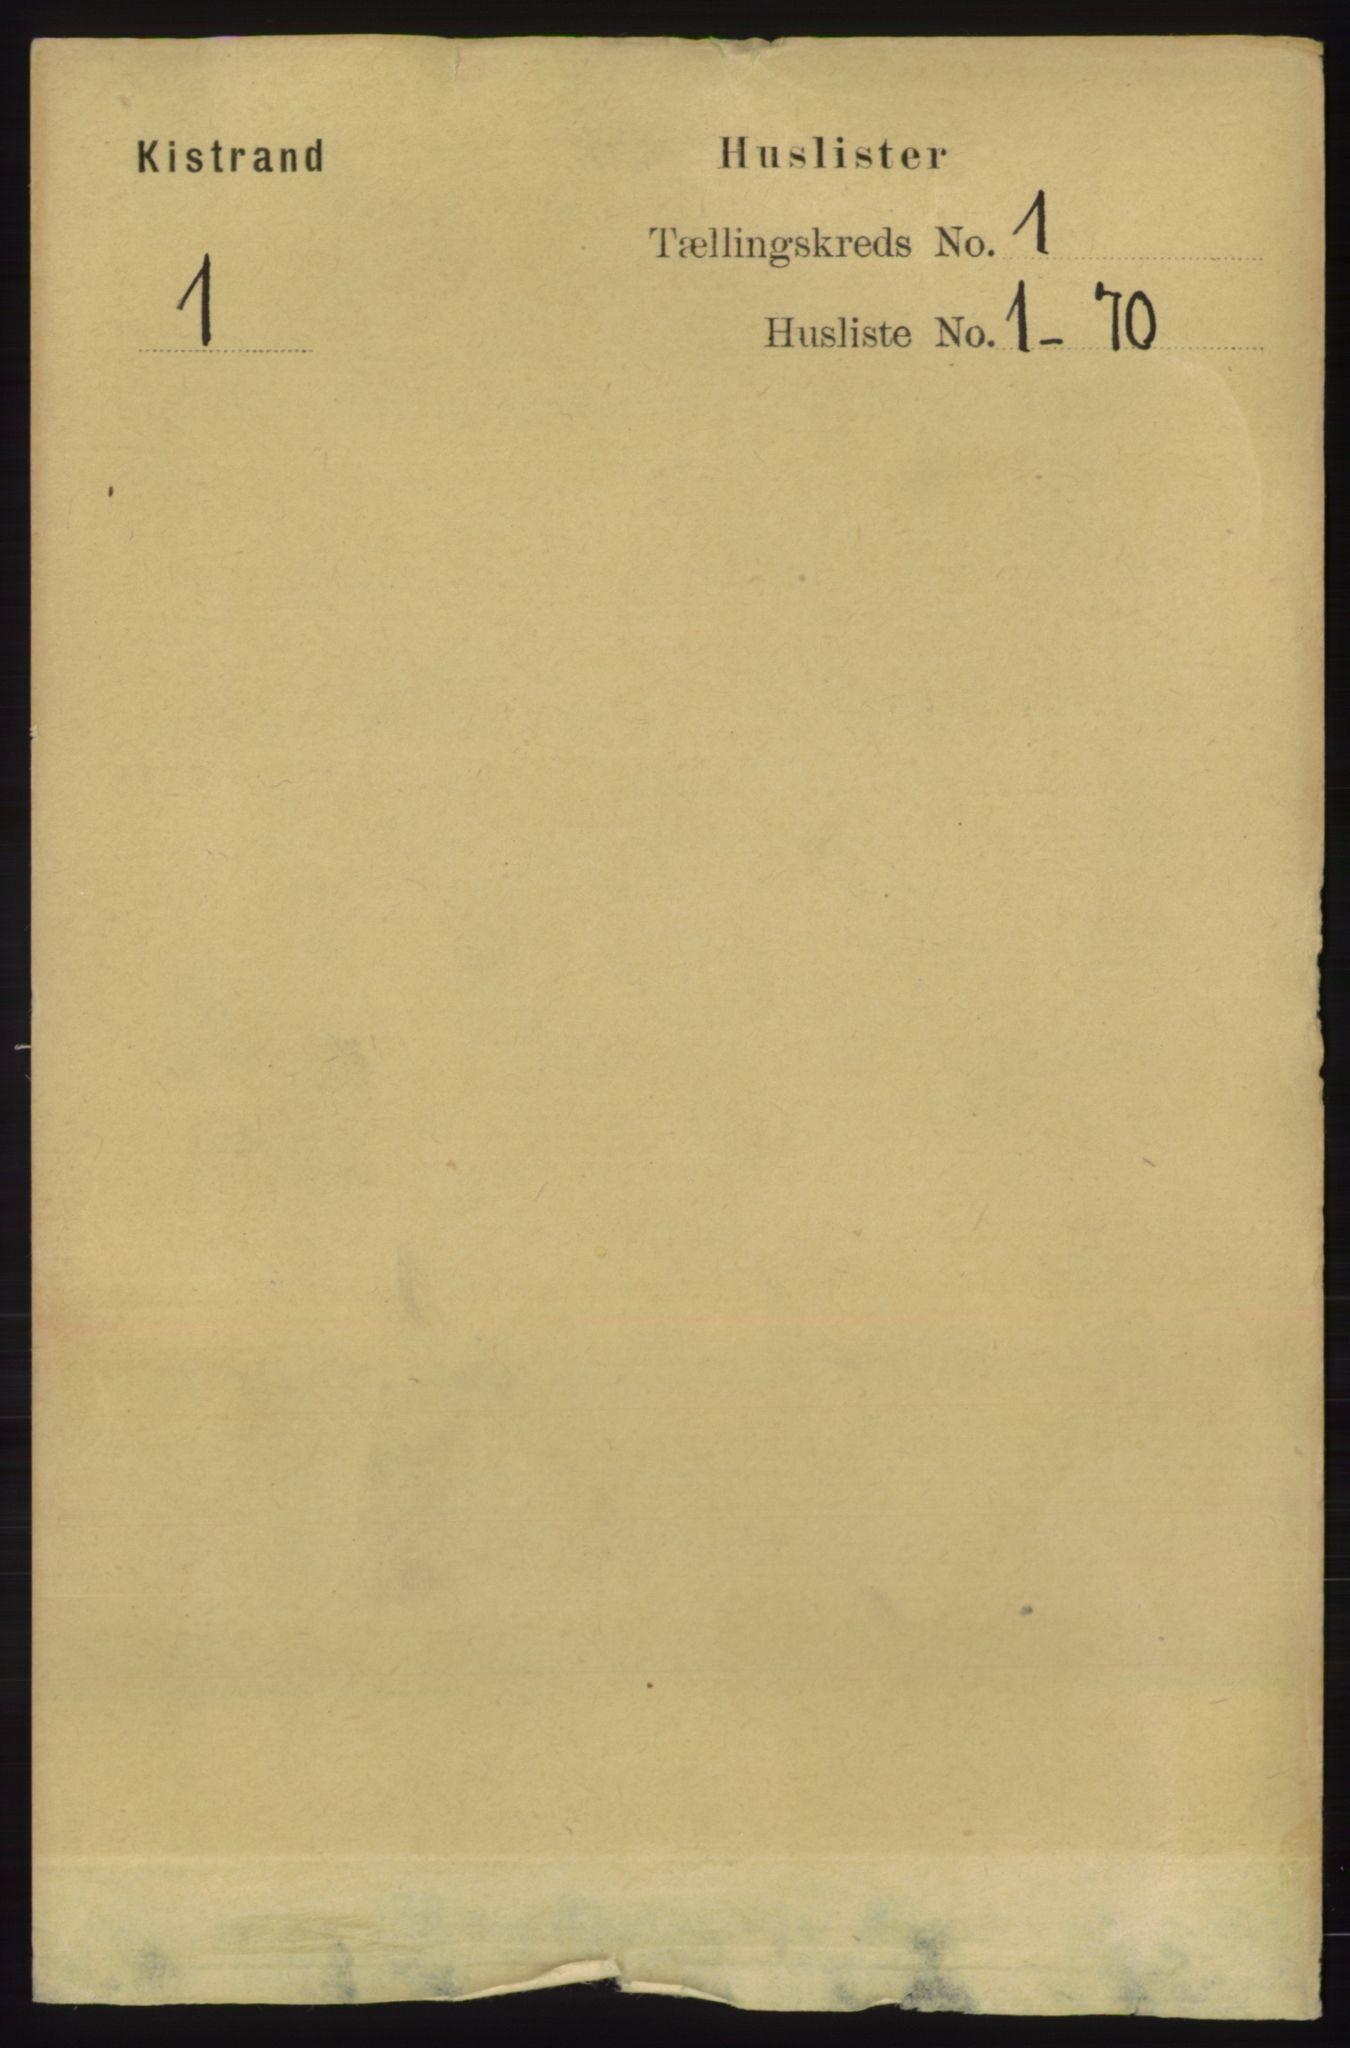 RA, Folketelling 1891 for 2020 Kistrand herred, 1891, s. 13